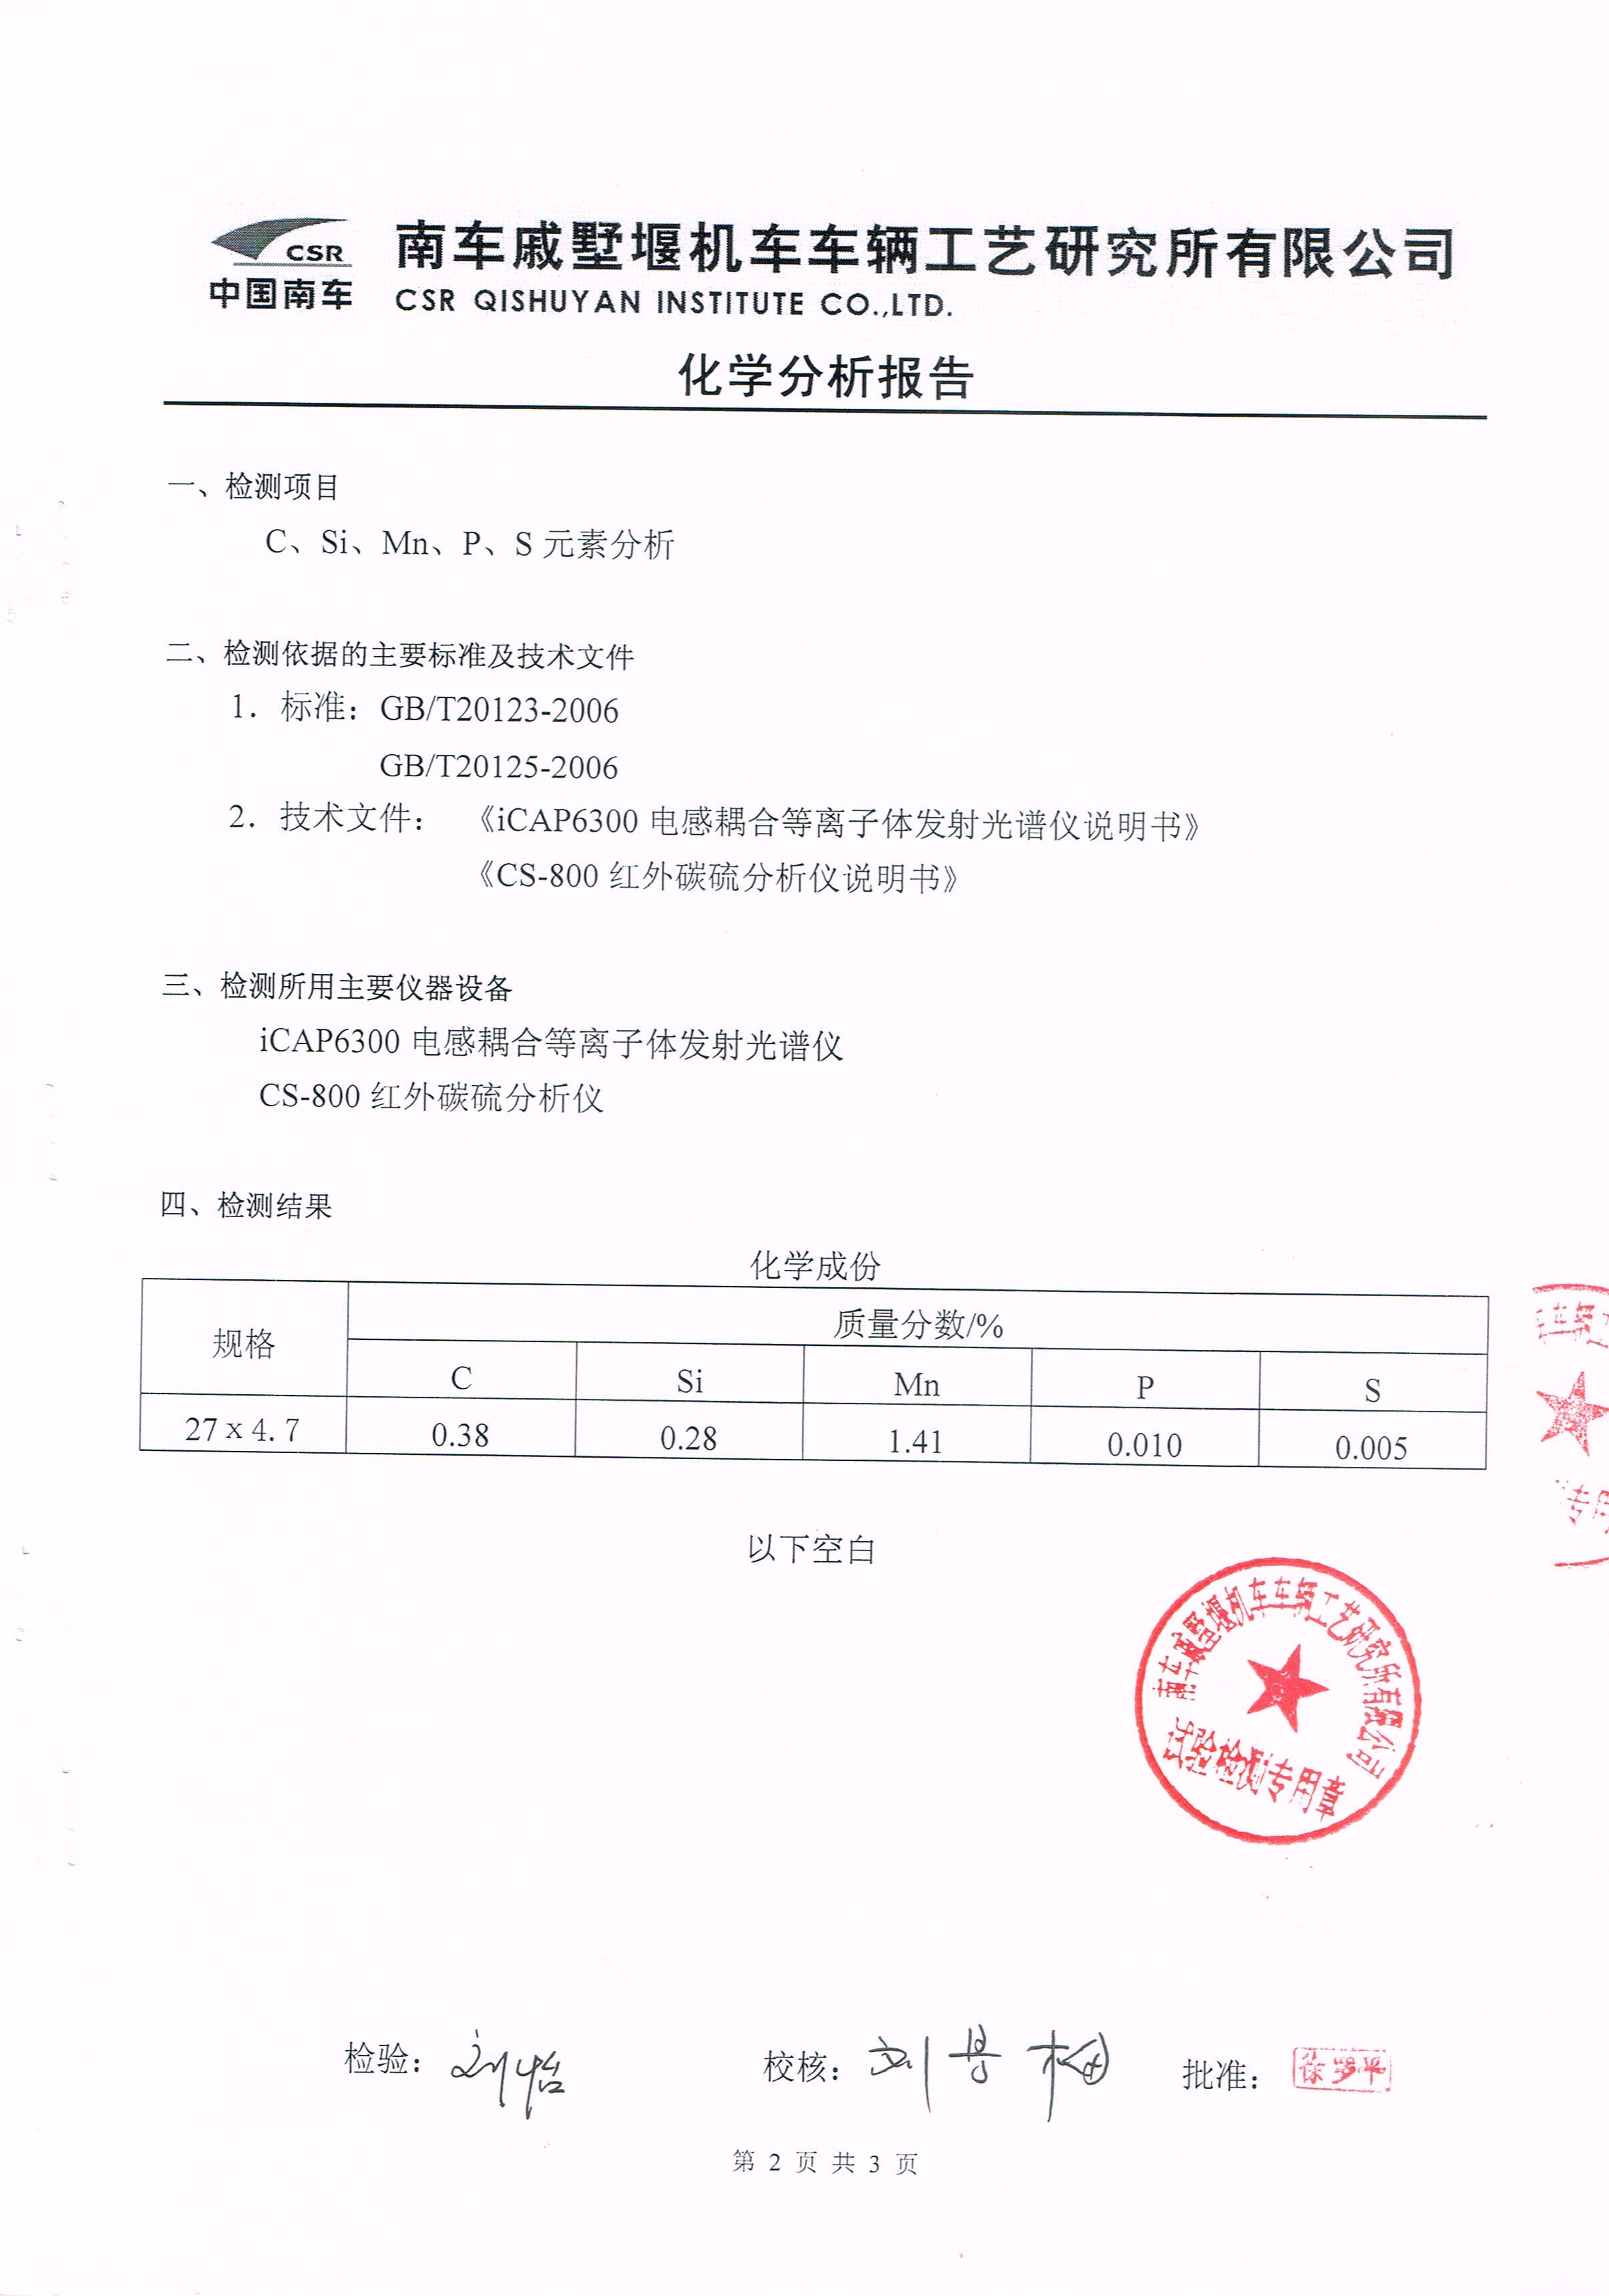 精密鋼管Φ27×4.7化學分析報告 公司新聞 第1張